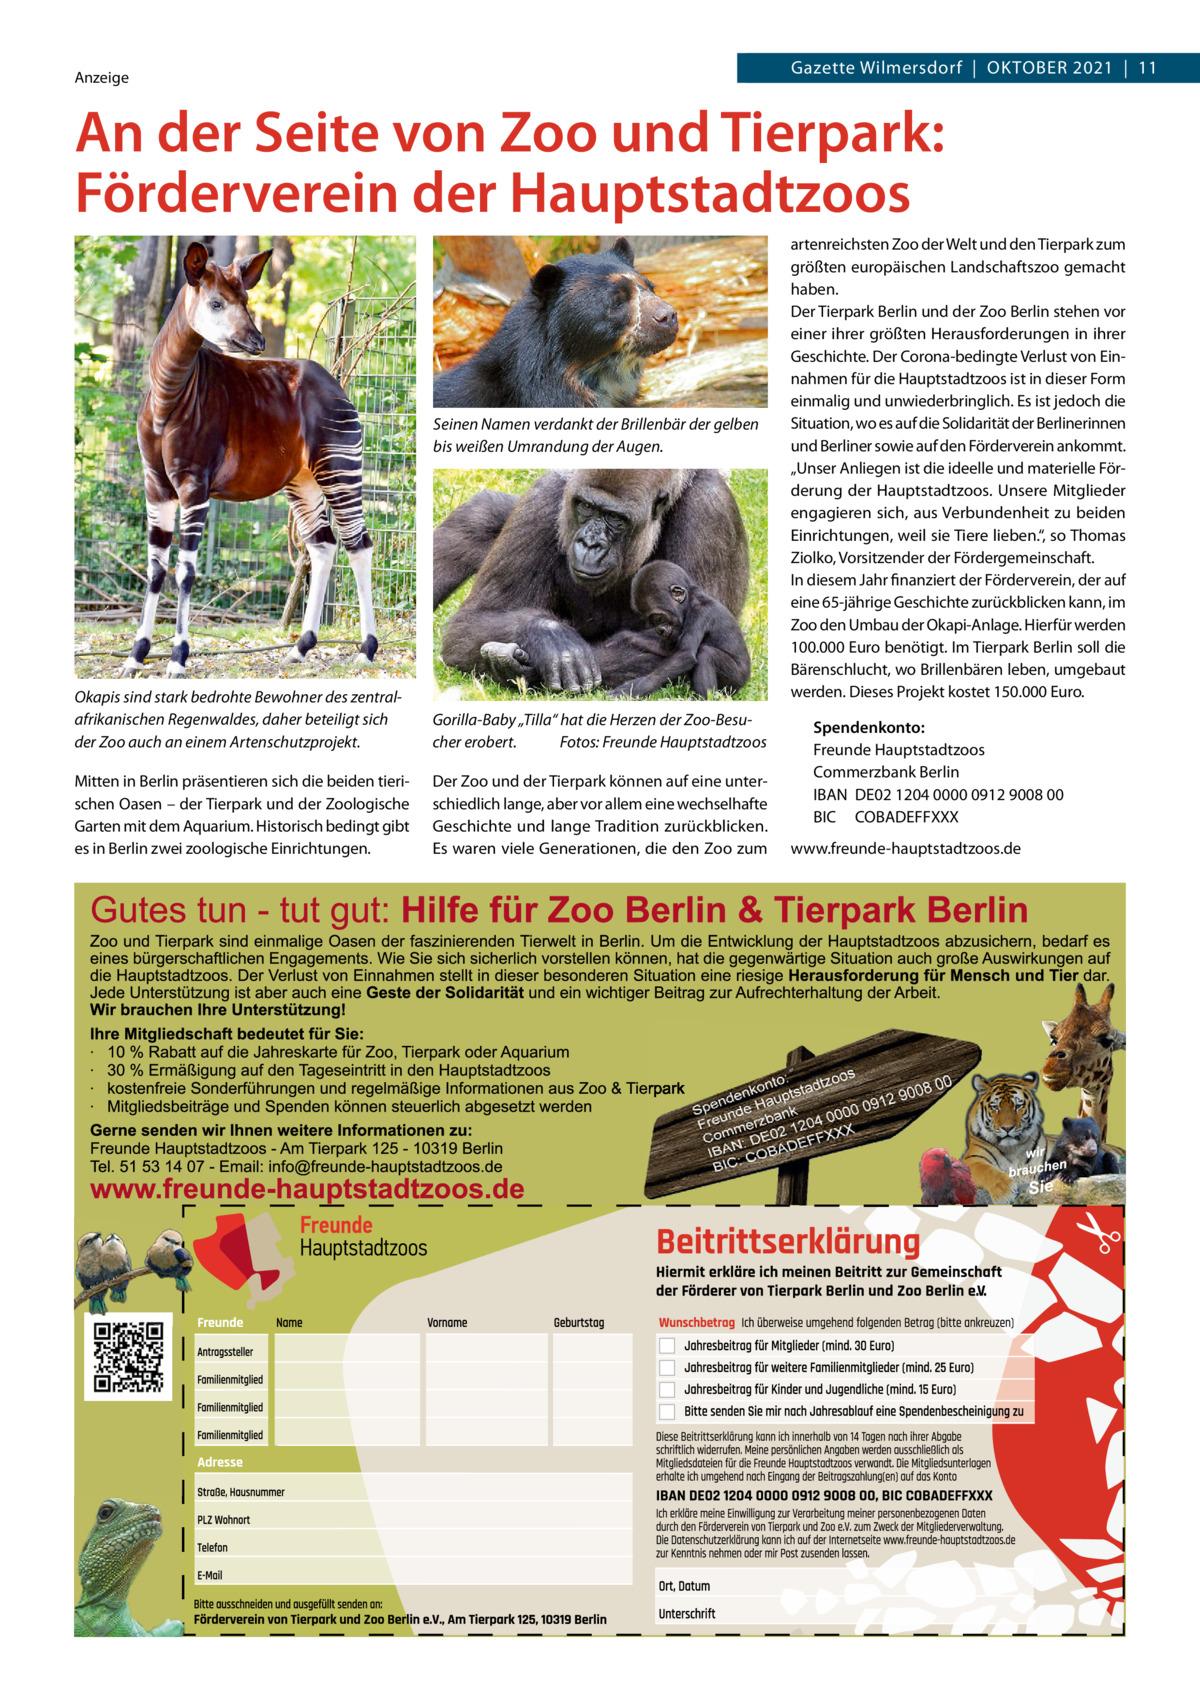 """Gazette Wilmersdorf Oktober 2021 11  Anzeige  An der Seite von Zoo und Tierpark: Förderverein der Hauptstadtzoos  Seinen Namen verdankt der Brillenbär der gelben bis weißen Umrandung der Augen.  Okapis sind stark bedrohte Bewohner des zentralafrikanischen Regenwaldes, daher beteiligt sich der Zoo auch an einem Artenschutzprojekt.  Gorilla-Baby """"Tilla"""" hat die Herzen der Zoo-Besucher erobert. Fotos: Freunde Hauptstadtzoos  Mitten in Berlin präsentieren sich die beiden tierischen Oasen – der Tierpark und der Zoologische Garten mit dem Aquarium. Historisch bedingt gibt es in Berlin zwei zoologische Einrichtungen.  Der Zoo und der Tierpark können auf eine unterschiedlich lange, aber vor allem eine wechselhafte Geschichte und lange Tradition zurückblicken. Es waren viele Generationen, die den Zoo zum  artenreichsten Zoo der Welt und den Tierpark zum größten europäischen Landschaftszoo gemacht haben. Der Tierpark Berlin und der Zoo Berlin stehen vor einer ihrer größten Herausforderungen in ihrer Geschichte. Der Corona-bedingte Verlust von Einnahmen für die Hauptstadtzoos ist in dieser Form einmalig und unwiederbringlich. Es ist jedoch die Situation, wo es auf die Solidarität der Berlinerinnen und Berliner sowie auf den Förderverein ankommt. """"Unser Anliegen ist die ideelle und materielle Förderung der Hauptstadtzoos. Unsere Mitglieder engagieren sich, aus Verbundenheit zu beiden Einrichtungen, weil sie Tiere lieben."""", so Thomas Ziolko, Vorsitzender der Fördergemeinschaft. In diesem Jahr finanziert der Förderverein, der auf eine 65-jährige Geschichte zurückblicken kann, im Zoo den Umbau der Okapi-Anlage. Hierfür werden 100.000Euro benötigt. Im Tierpark Berlin soll die Bärenschlucht, wo Brillenbären leben, umgebaut werden. Dieses Projekt kostet 150.000Euro.  Spendenkonto: Freunde Hauptstadtzoos Commerzbank Berlin IBAN DE02 1204 0000 0912 9008 00 BIC COBADEFFXXX www.freunde-hauptstadtzoos.de"""